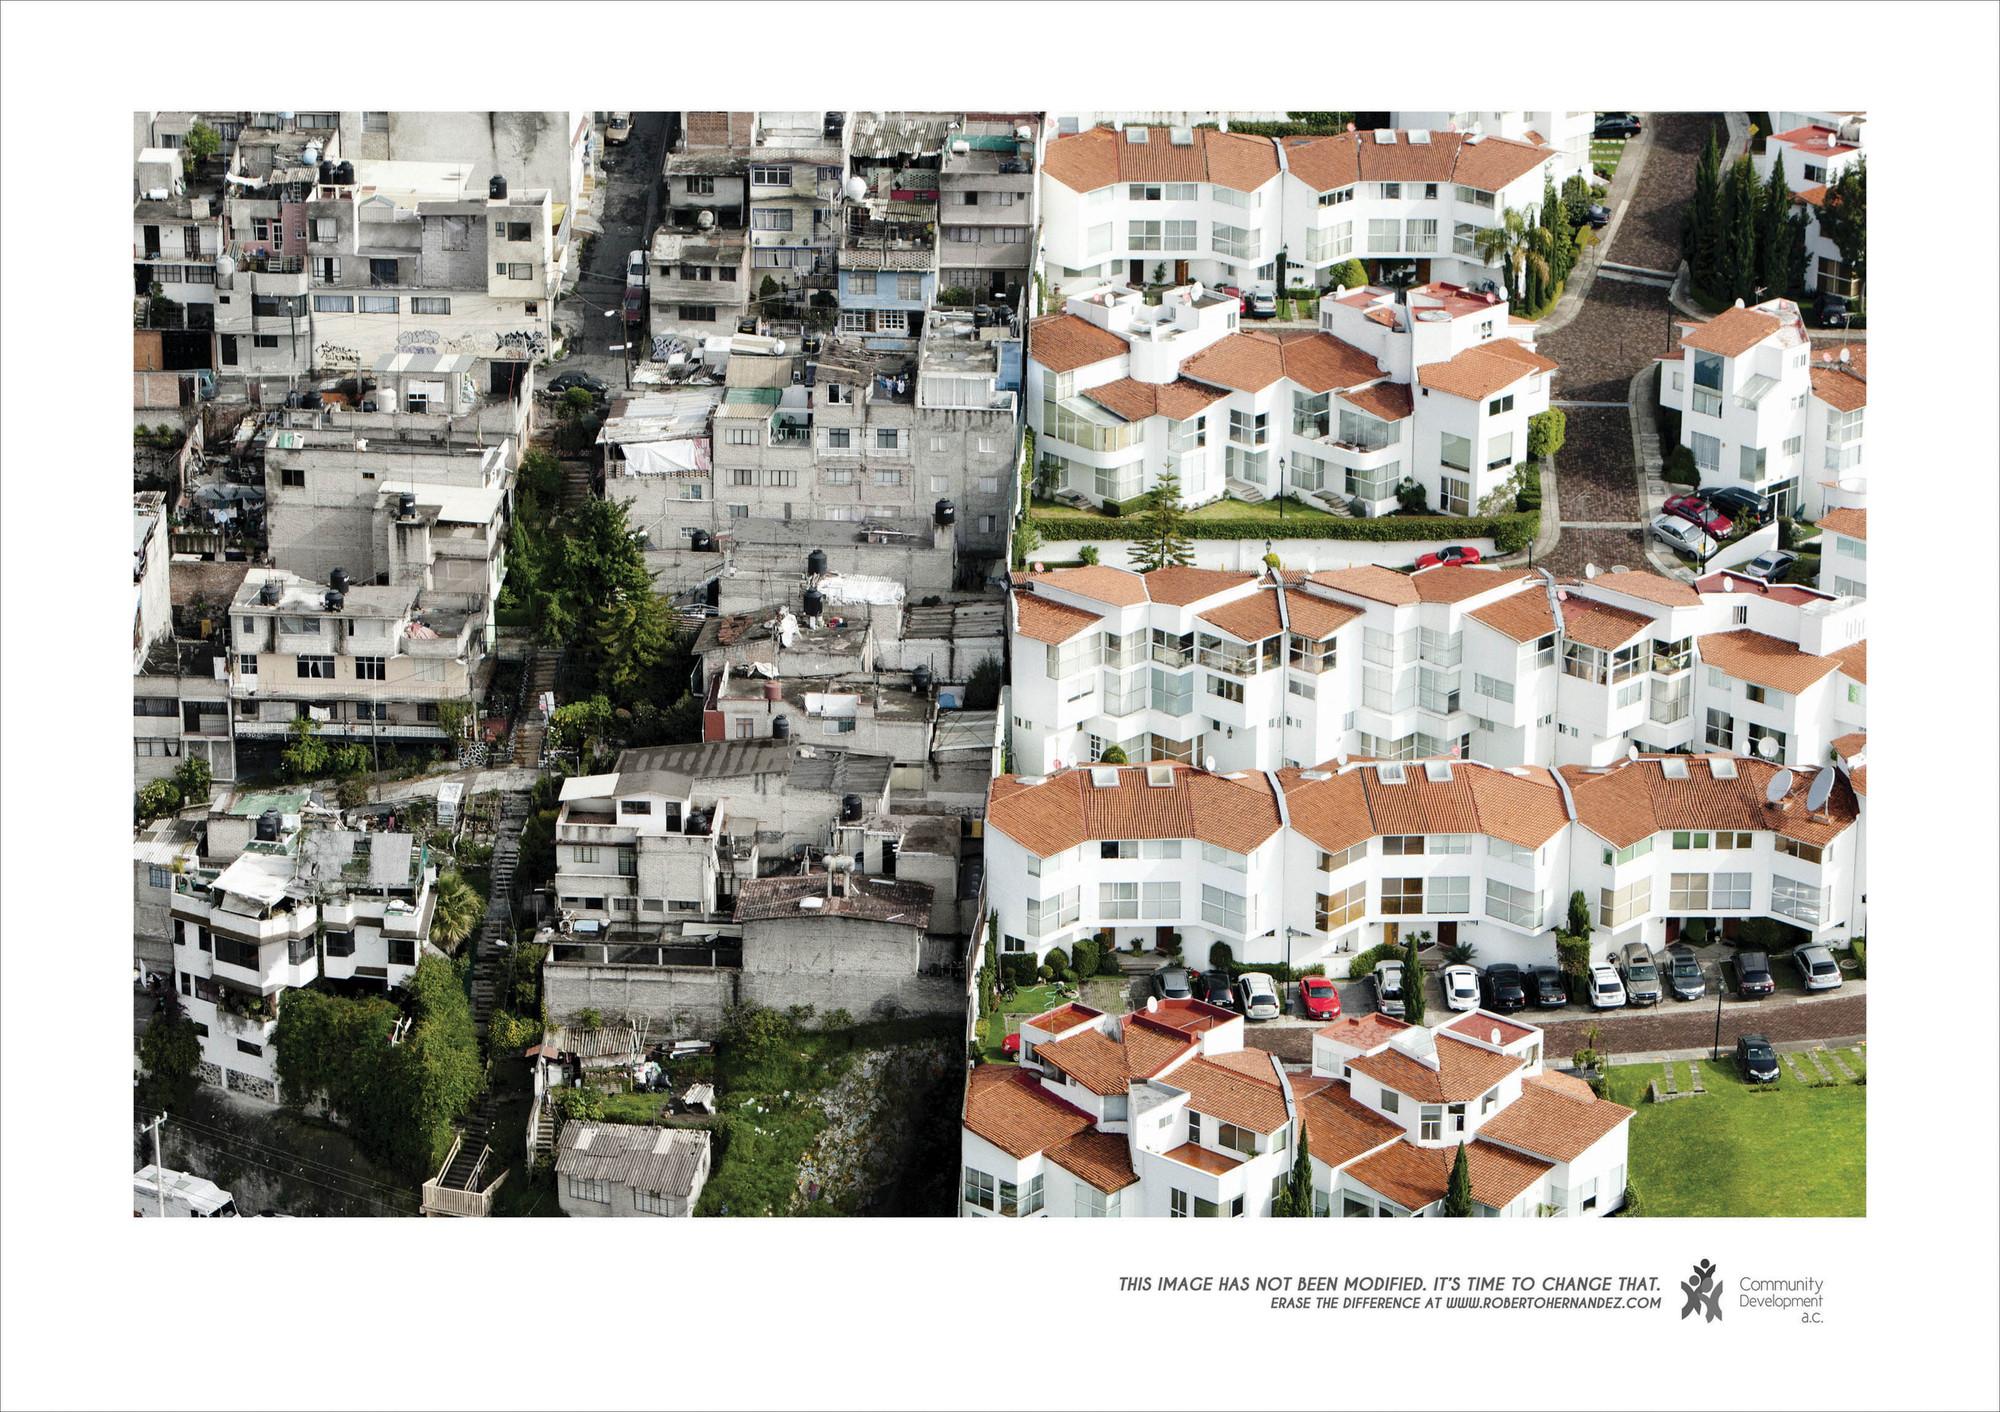 Arte e Arquitetura: Mundos Isolados, segregação urbana e desigualdade em Santa Fé , Vía Adeevee. Imagem © Oscar Ruiz